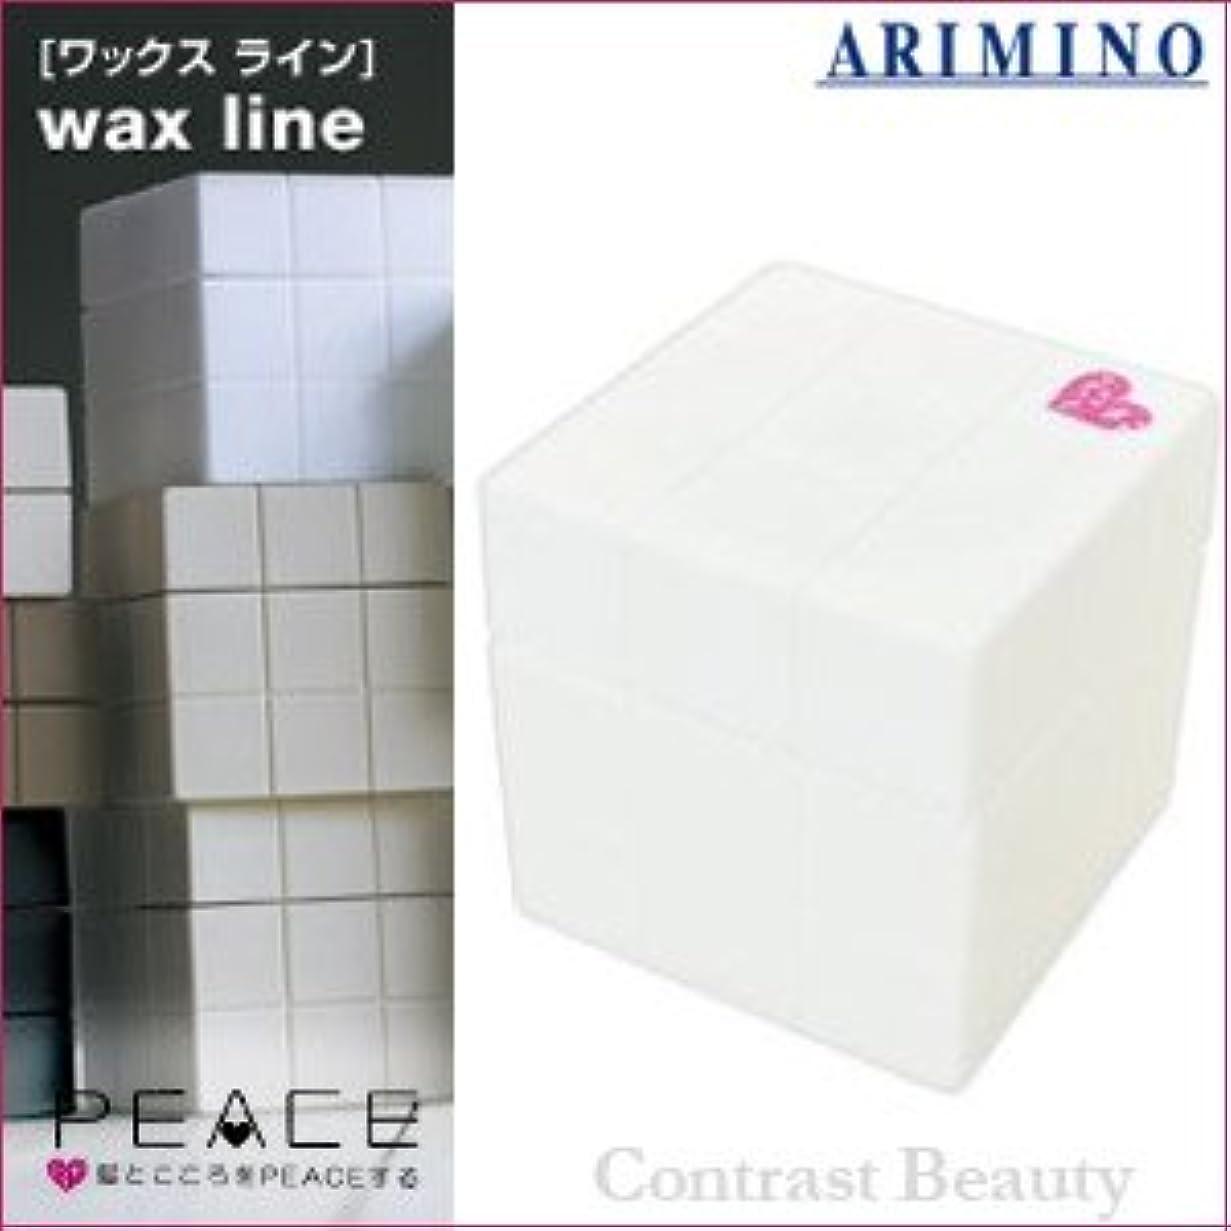 等しいあざアヒル【X5個セット】 アリミノ ピース プロデザインシリーズ グロスワックス ホワイト 80g ARIMINO